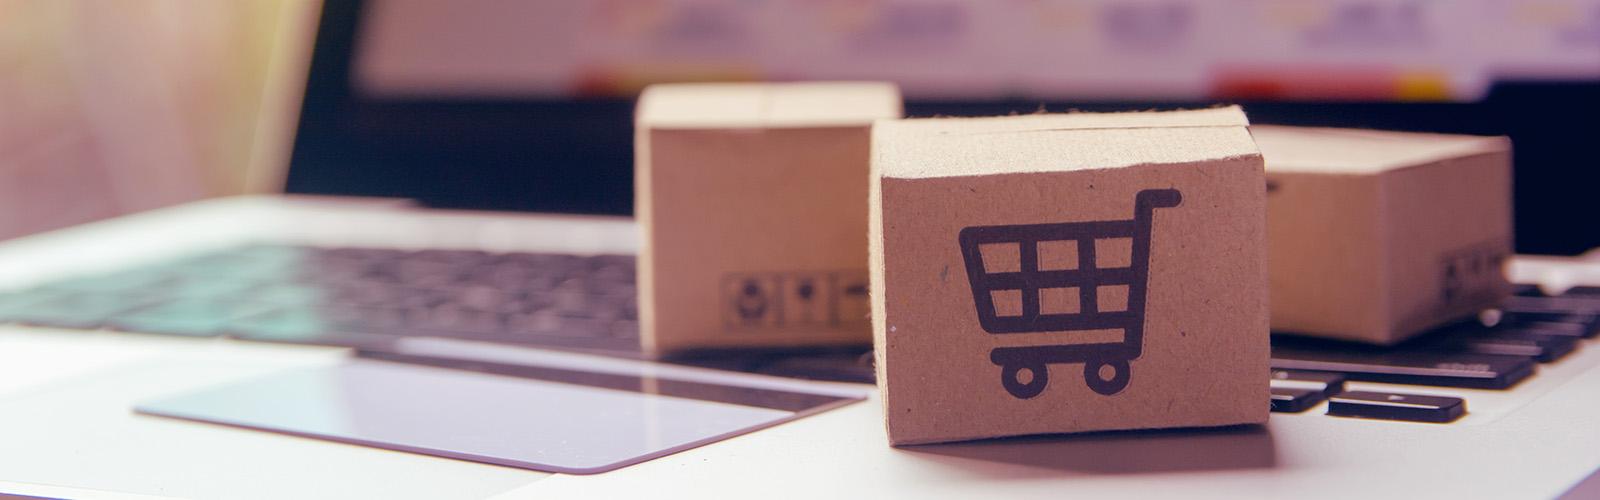 erp-emag-marketplace-soft-erp-b2b-b2c-erp-software-integrat-1